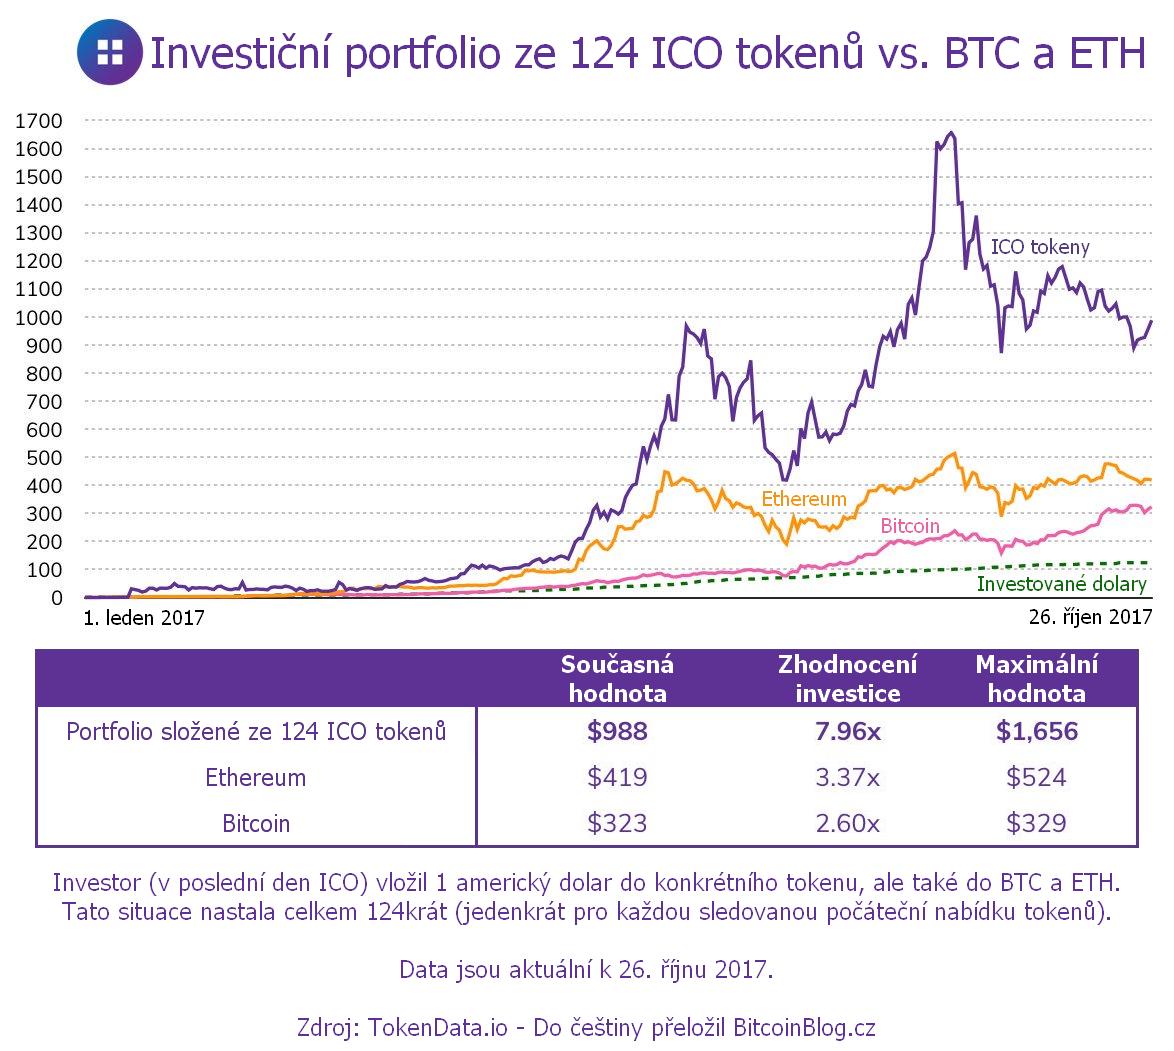 XY bodový graf a tabulka: Investiční portfolio složené ze 124 ICO tokenů versus Bitcoin a Ethereum